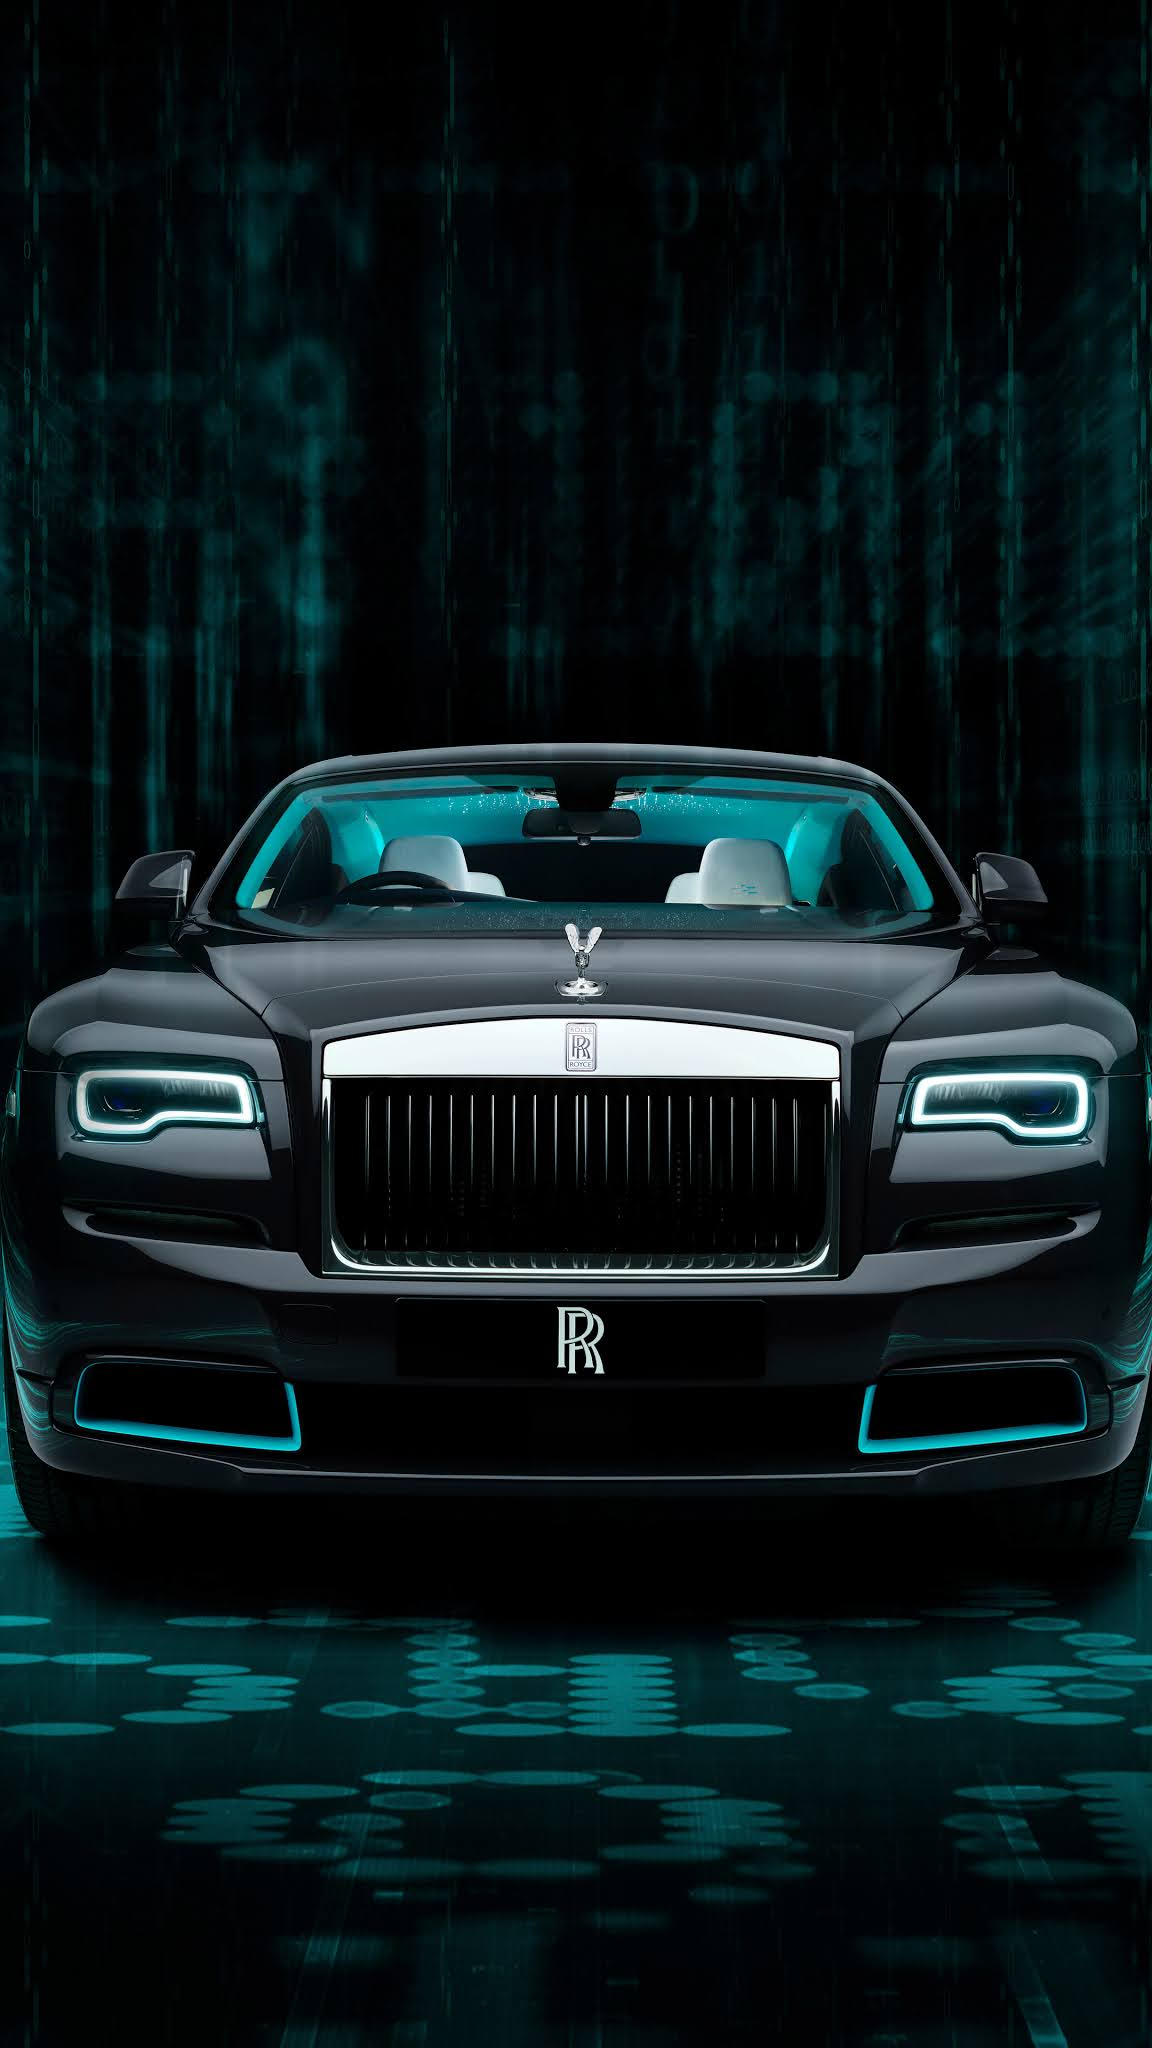 Rolls Royce Wraith Kryptos mobile wallpaper 4k